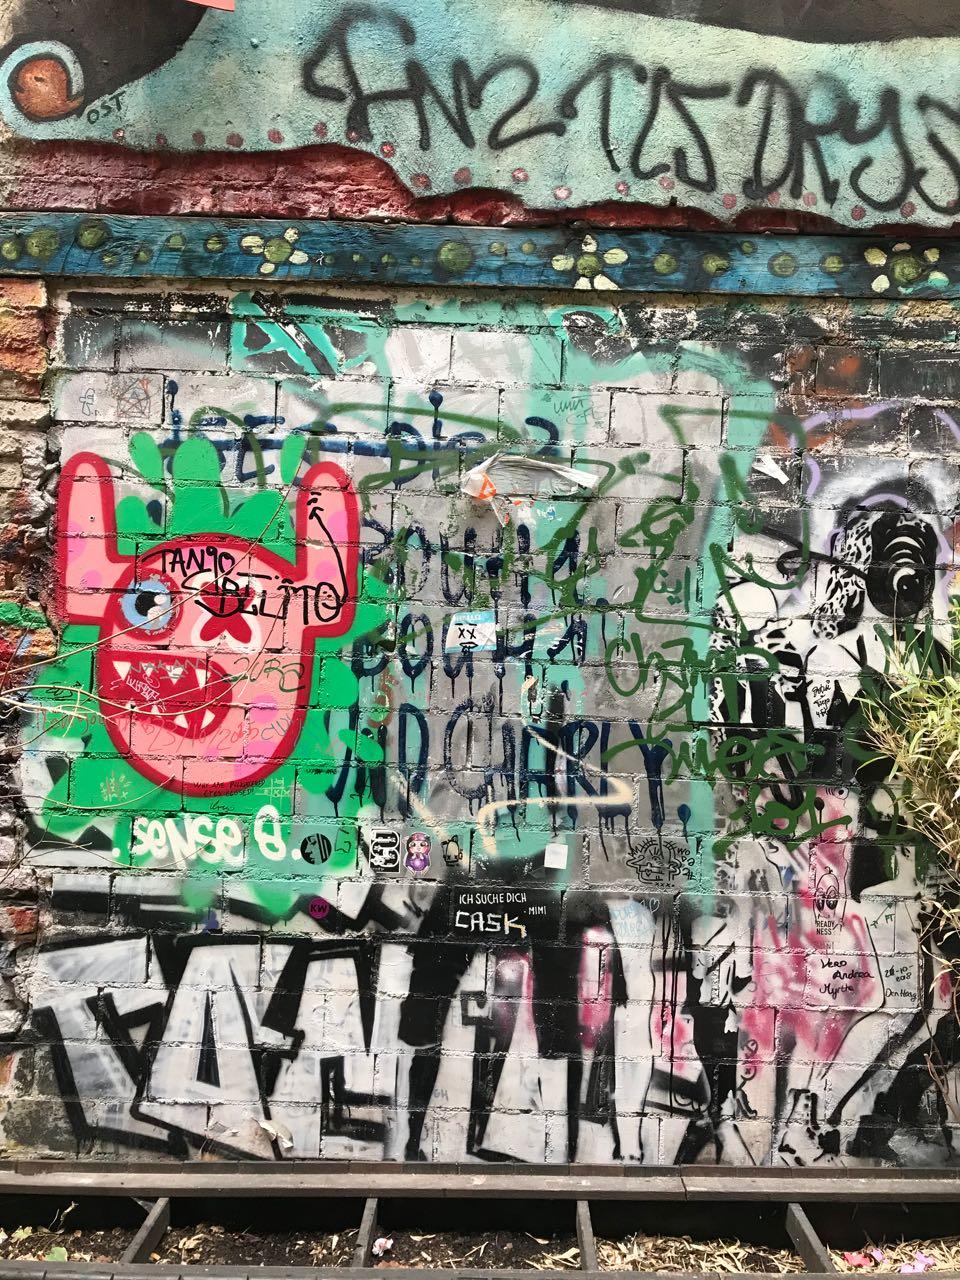 Berlin graffiti 2.jpg